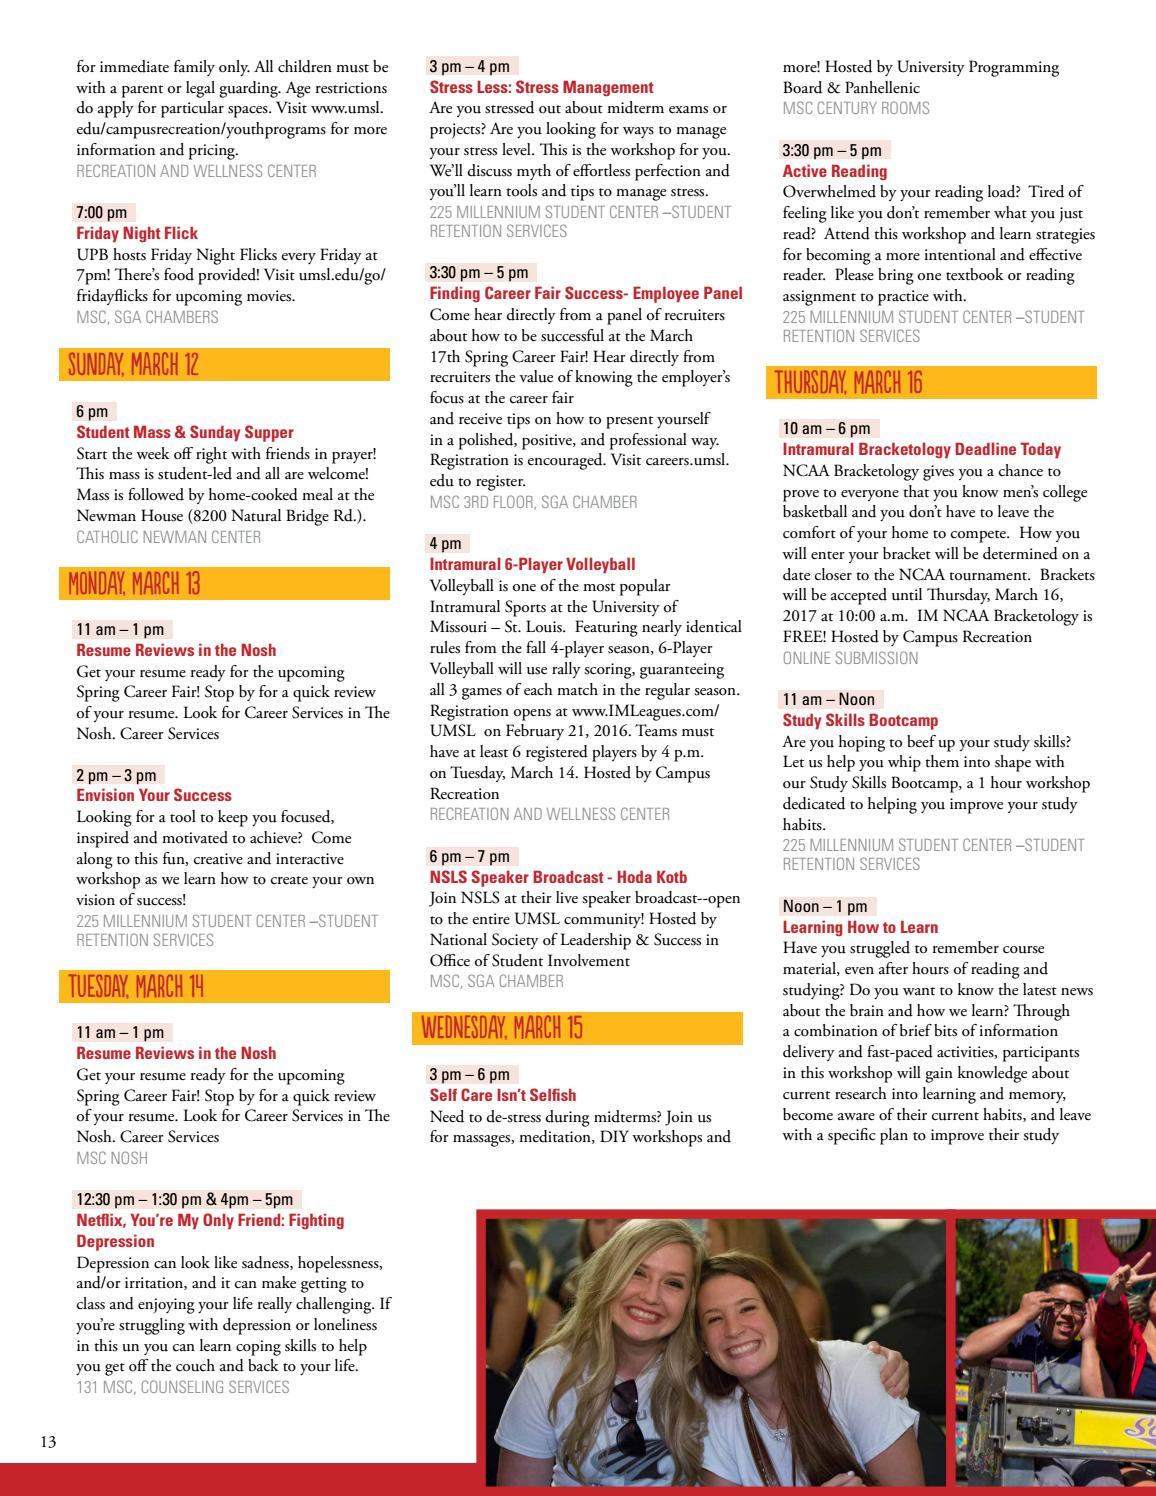 UMSL Weeks of Welcome Booklet Spring 2017 by UMSL New